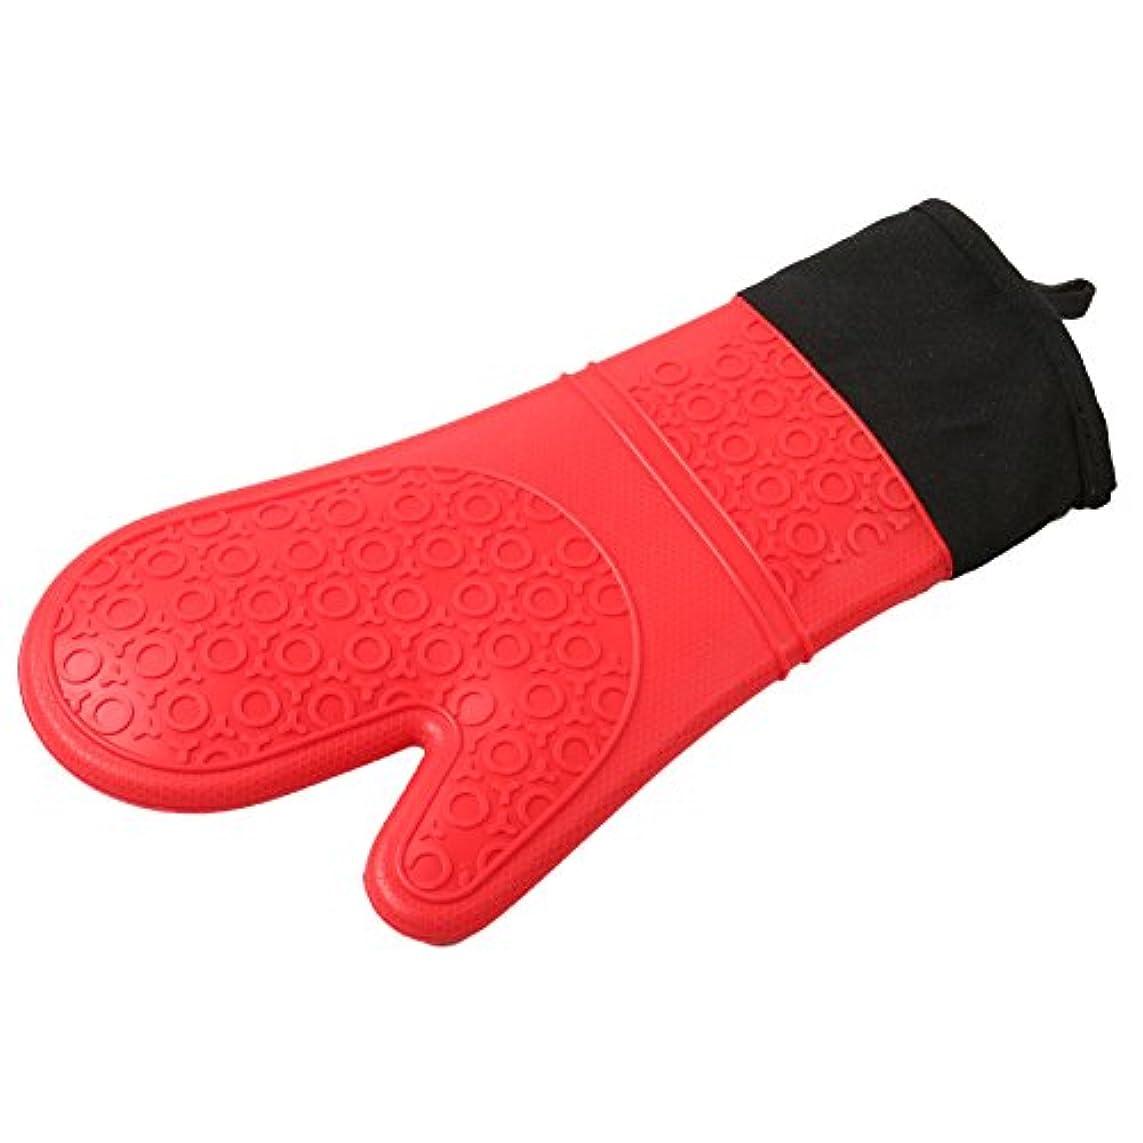 雄大な臨検長さOUYOU 耐熱グローブ シリコンチェック 耐熱温度300℃ キッチングローブ オーブンミトン シリコン手袋 滑り止め クッキング用 フリーサイズ 2個セット